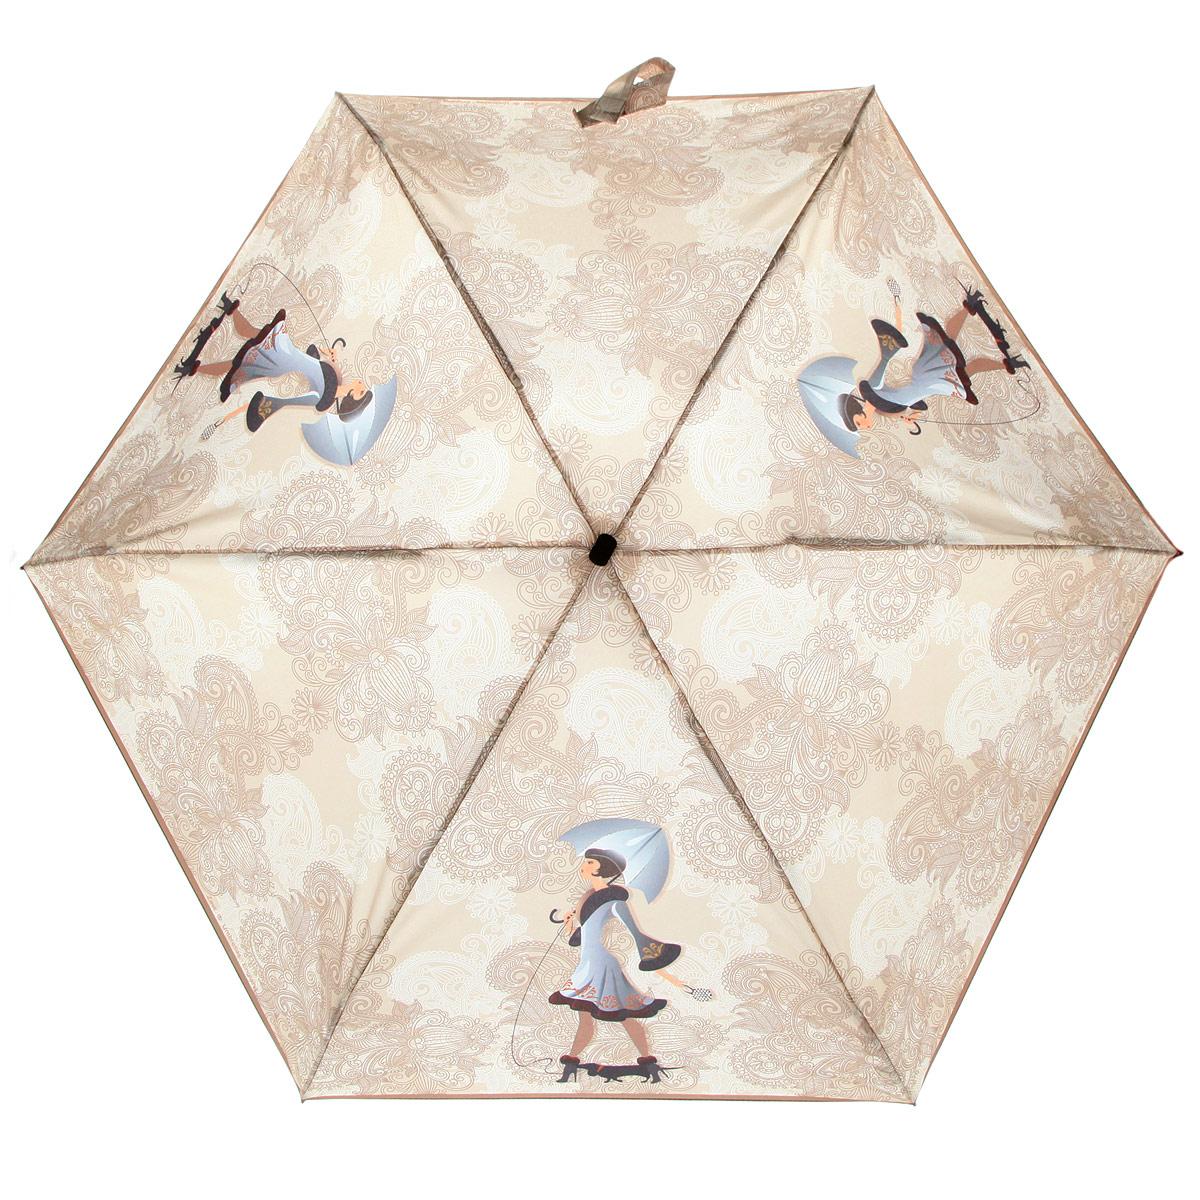 Зонт женский Zest, цвет: бежевый, серый. 25516-270225516-2702Модный женский зонт ZEST выполнен из металла и пластика, оформлен принтом с изображениями дамы с собачкой. Каркас зонта выполнен из шести спиц, стержень из стали. На концах спиц предусмотрены металлические элементы, которые защитят владельца от травм. Купол зонта изготовлен прочного полиэстера. Закрытый купол застегивается на липучку хлястиком. Практичная рукоятка закругленной формы разработана с учетом требований эргономики и выполнена из пластика. Зонт складывается и раскладывается механическим способом. Такой зонт не только надежно защитит от дождя, но и станет стильным аксессуаром.